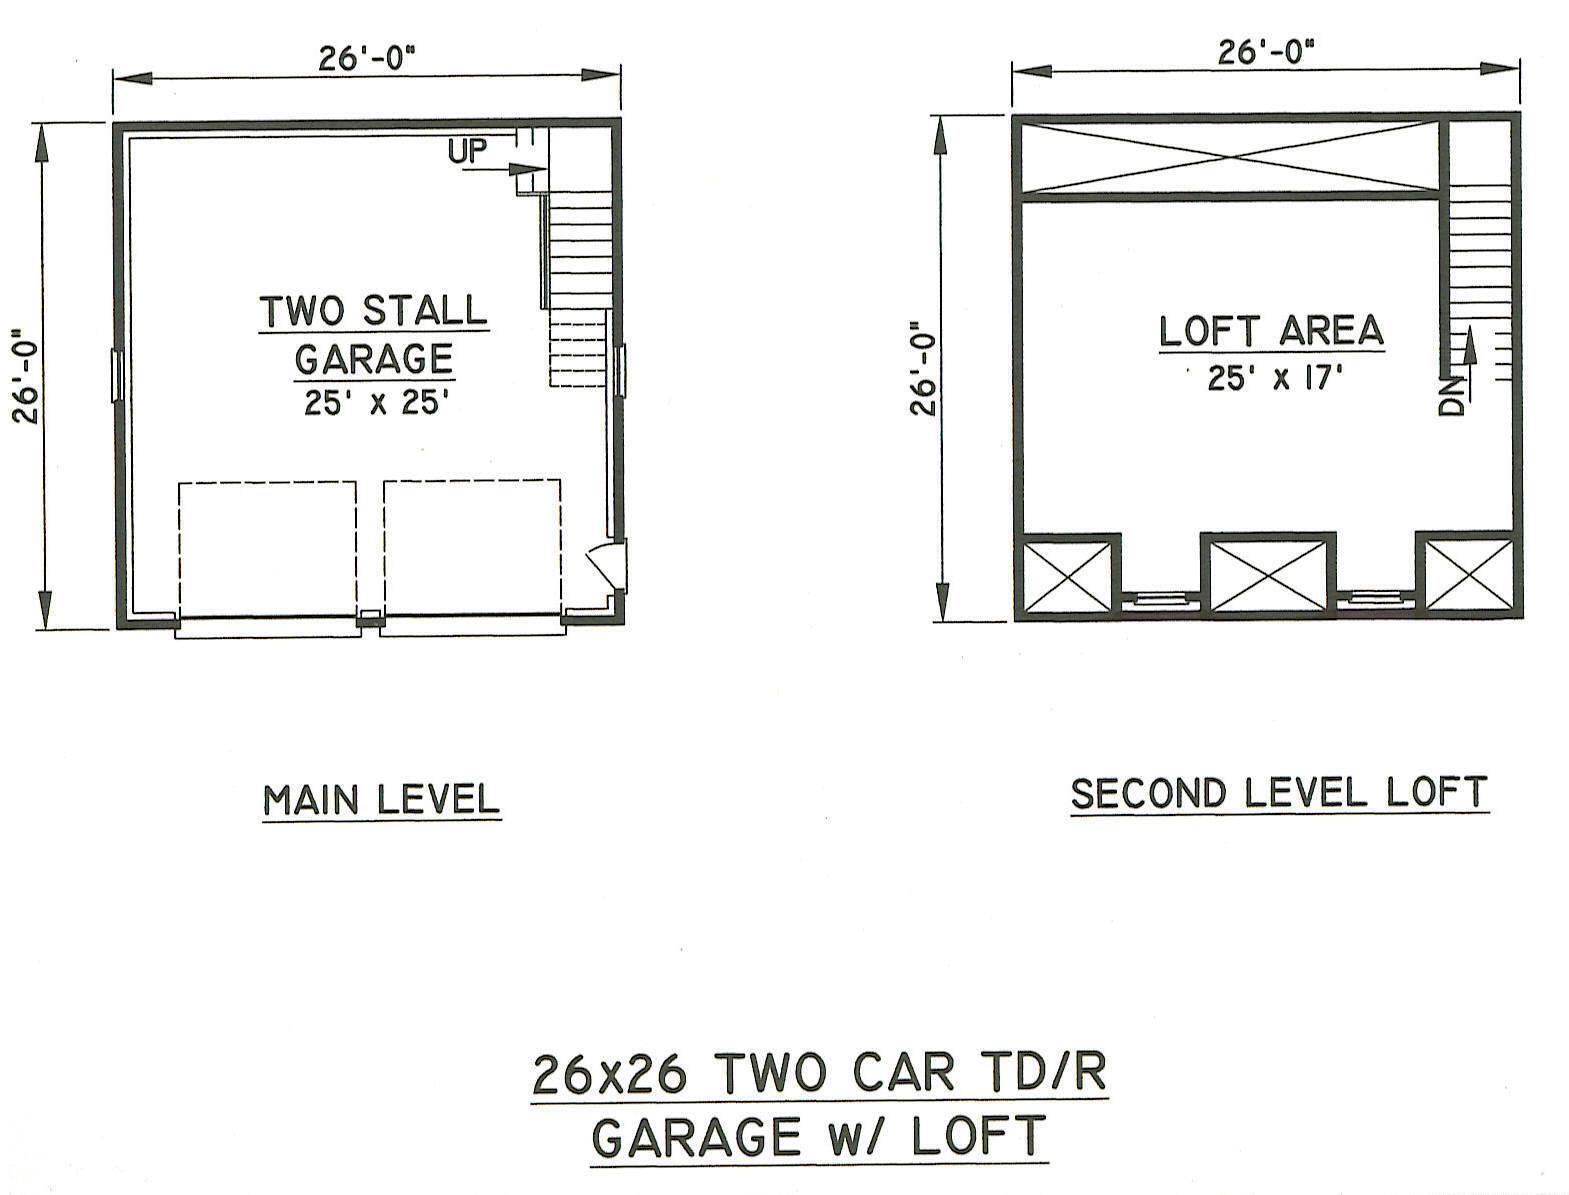 26x26 2 car tdormer rd garage building blueprint plans for 2 car garage plans with loft